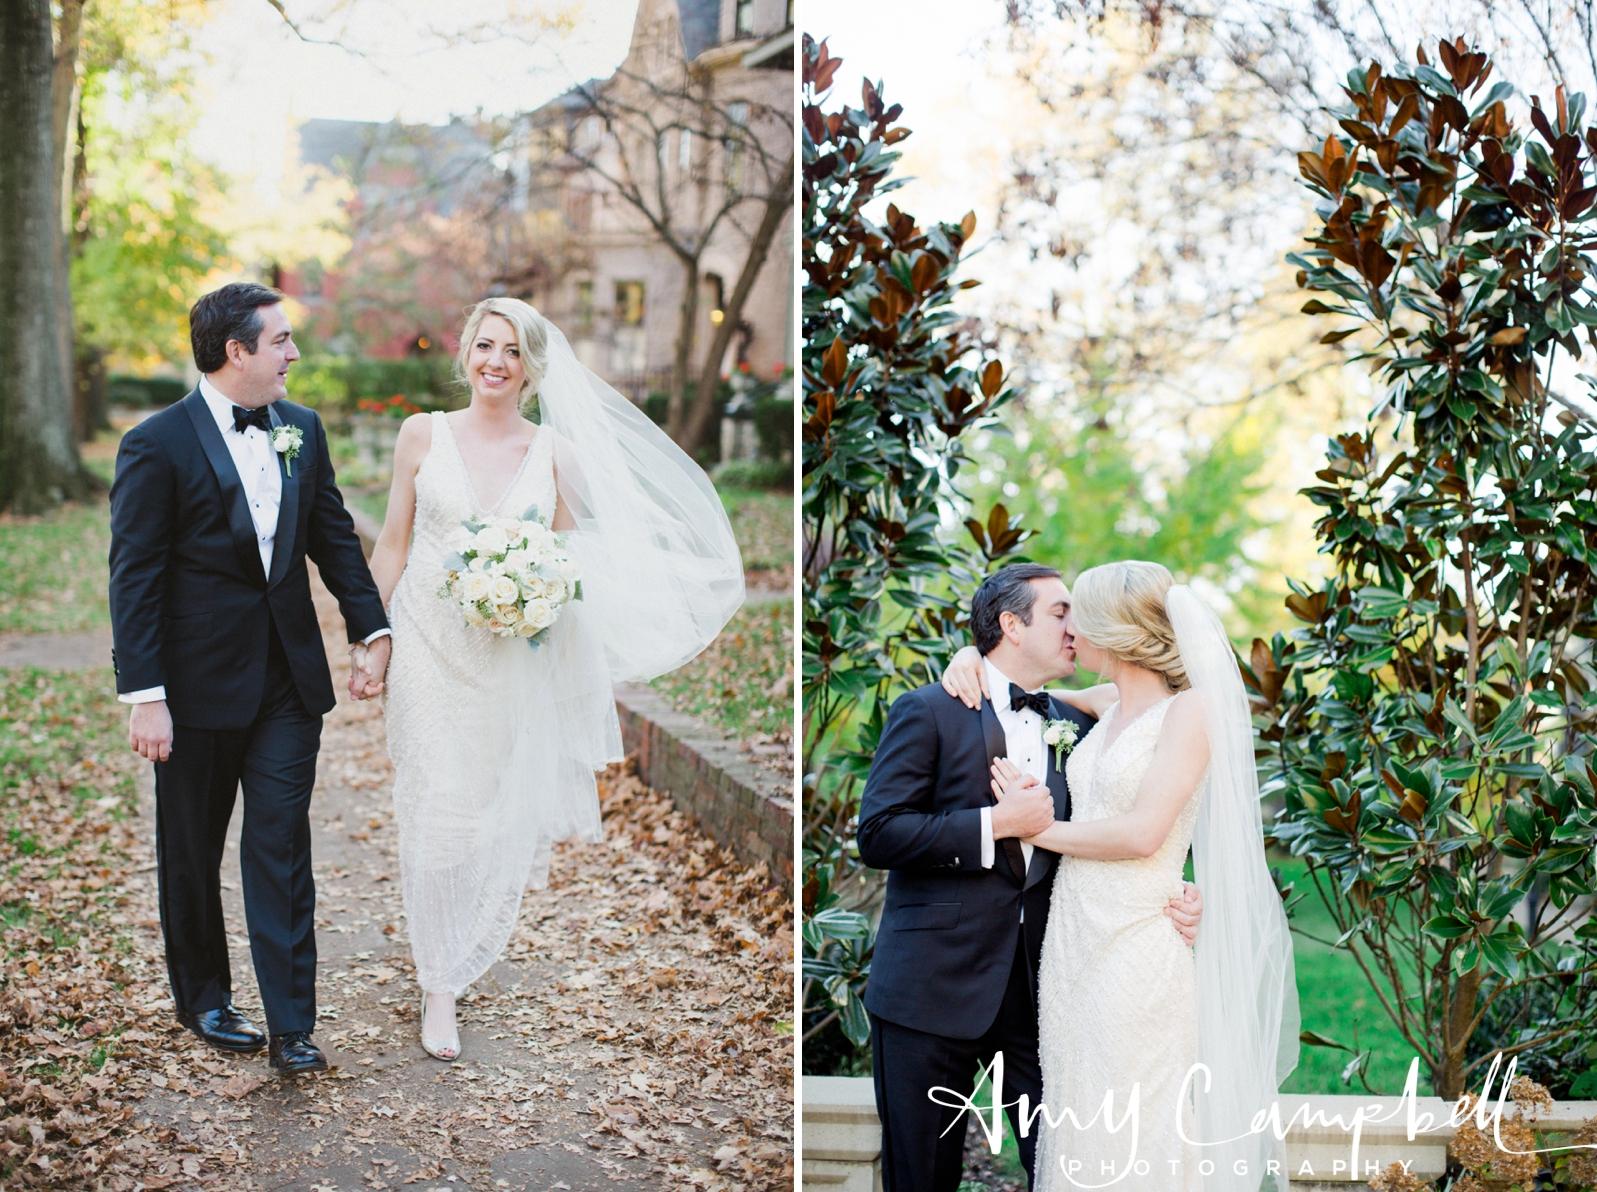 emmakyle_wedding_fb_amycampbellphotography_0033.jpg